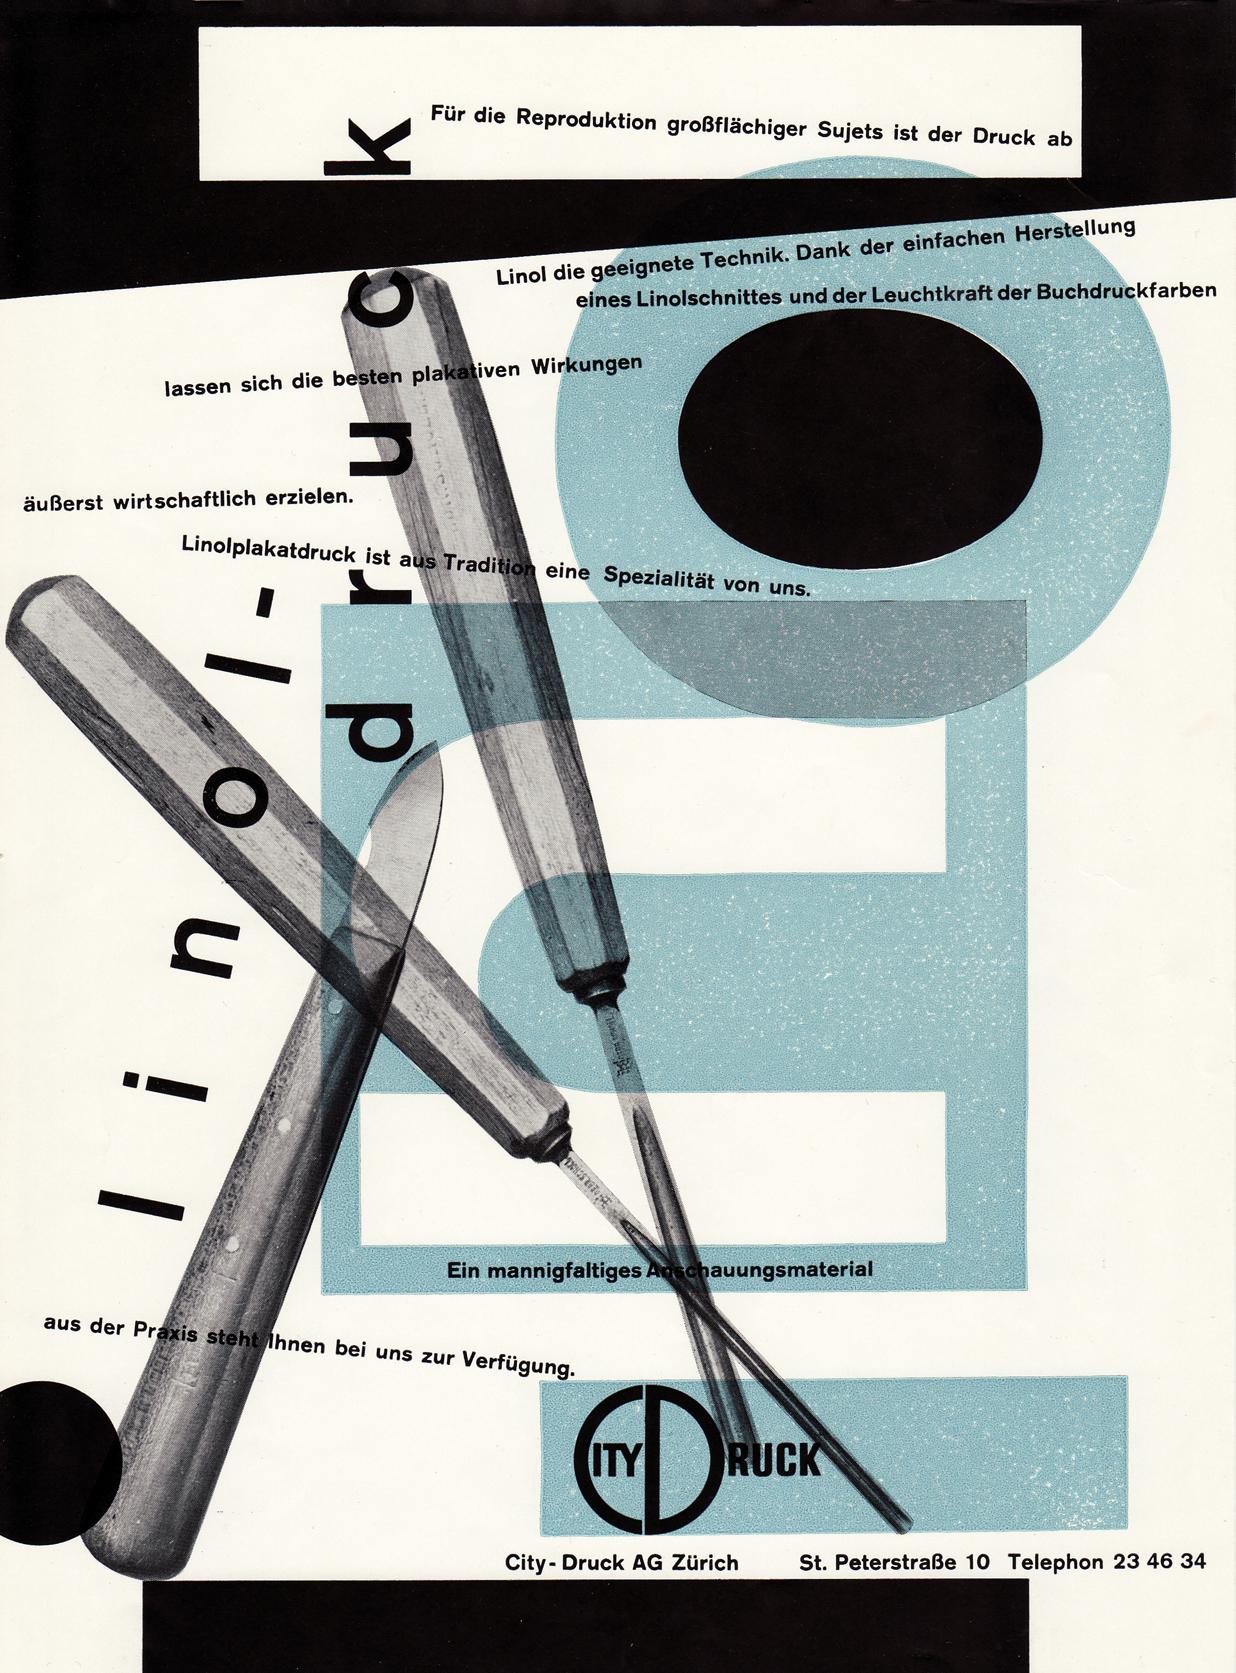 siegfried odermatt 100 + 3 schweizer plakate / 100 + 3 affiches suisses / 100 + 3 swiss posters von odermatt, siegfried: und eine große auswahl von ähnlichen neuen, gebrauchten und.